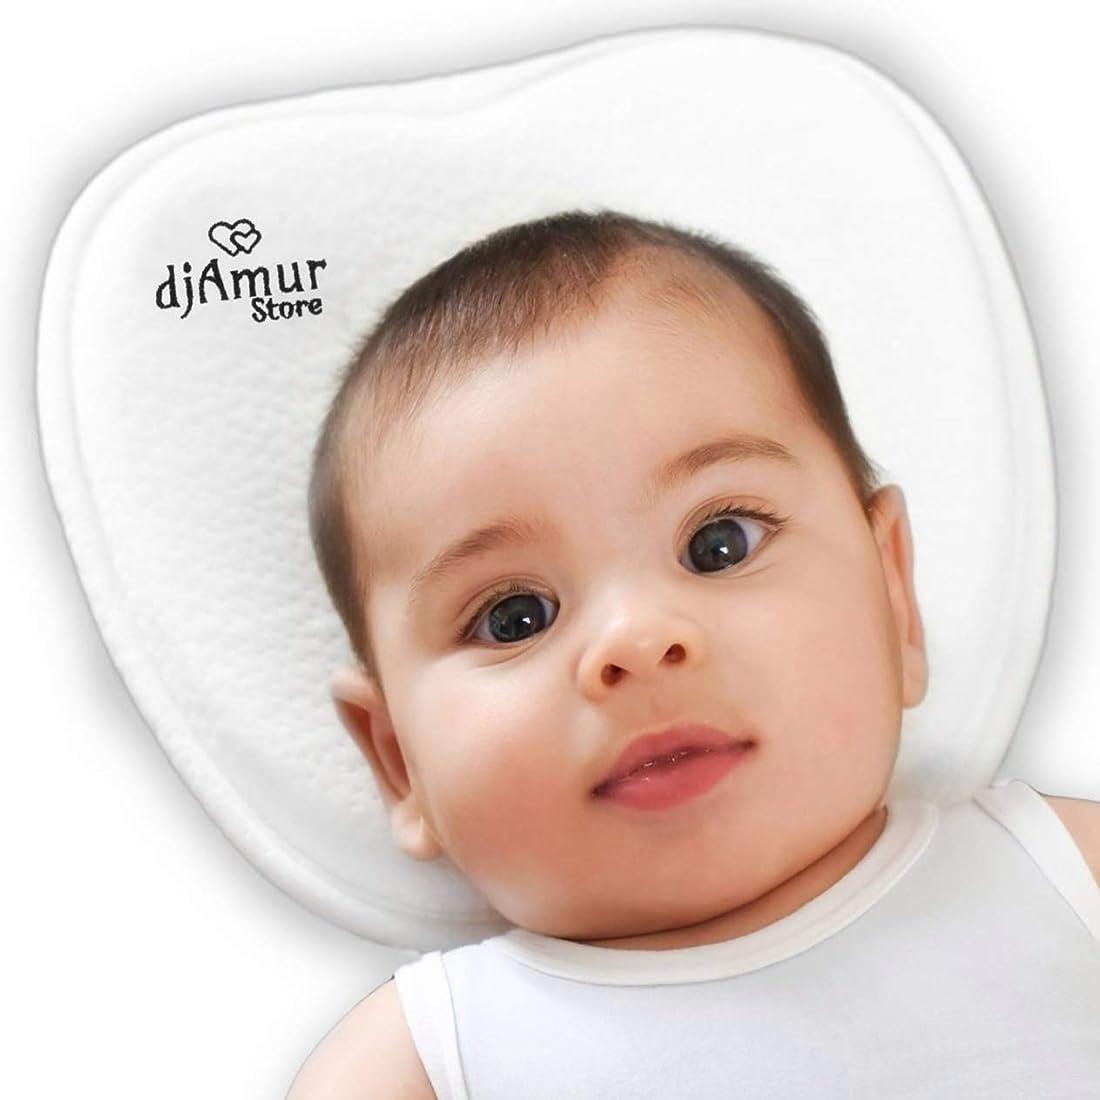 推測する店主ドレスクッション防止ケアフラットヘッド新生児斜頭症フラットヘッドケア防止メモリーフォームヘッドレストBebe Nanna Birth白い色